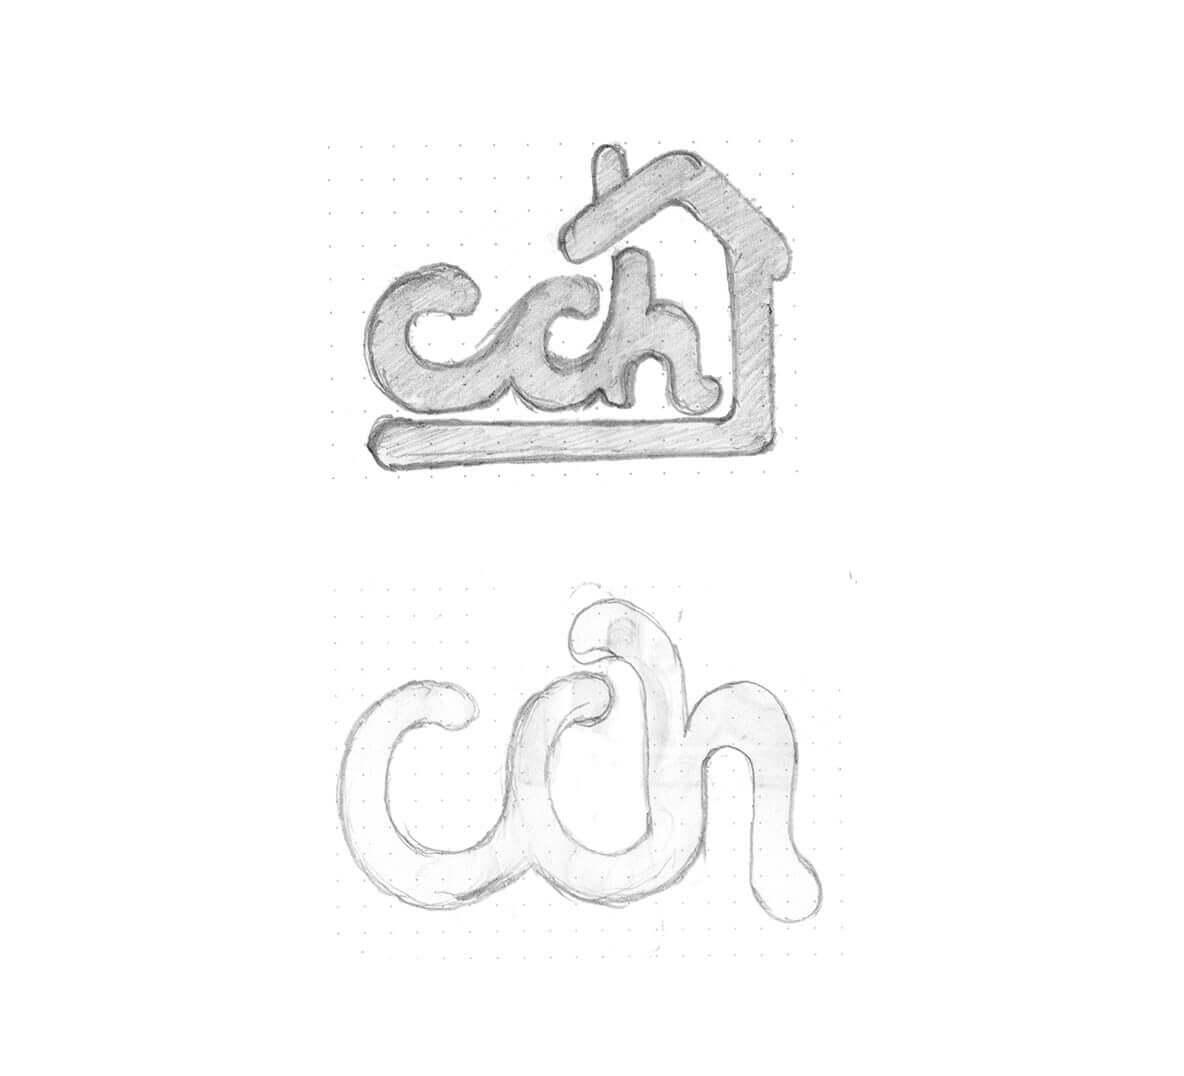 Chimney Cake House- Letter Mark Sketch Mockup